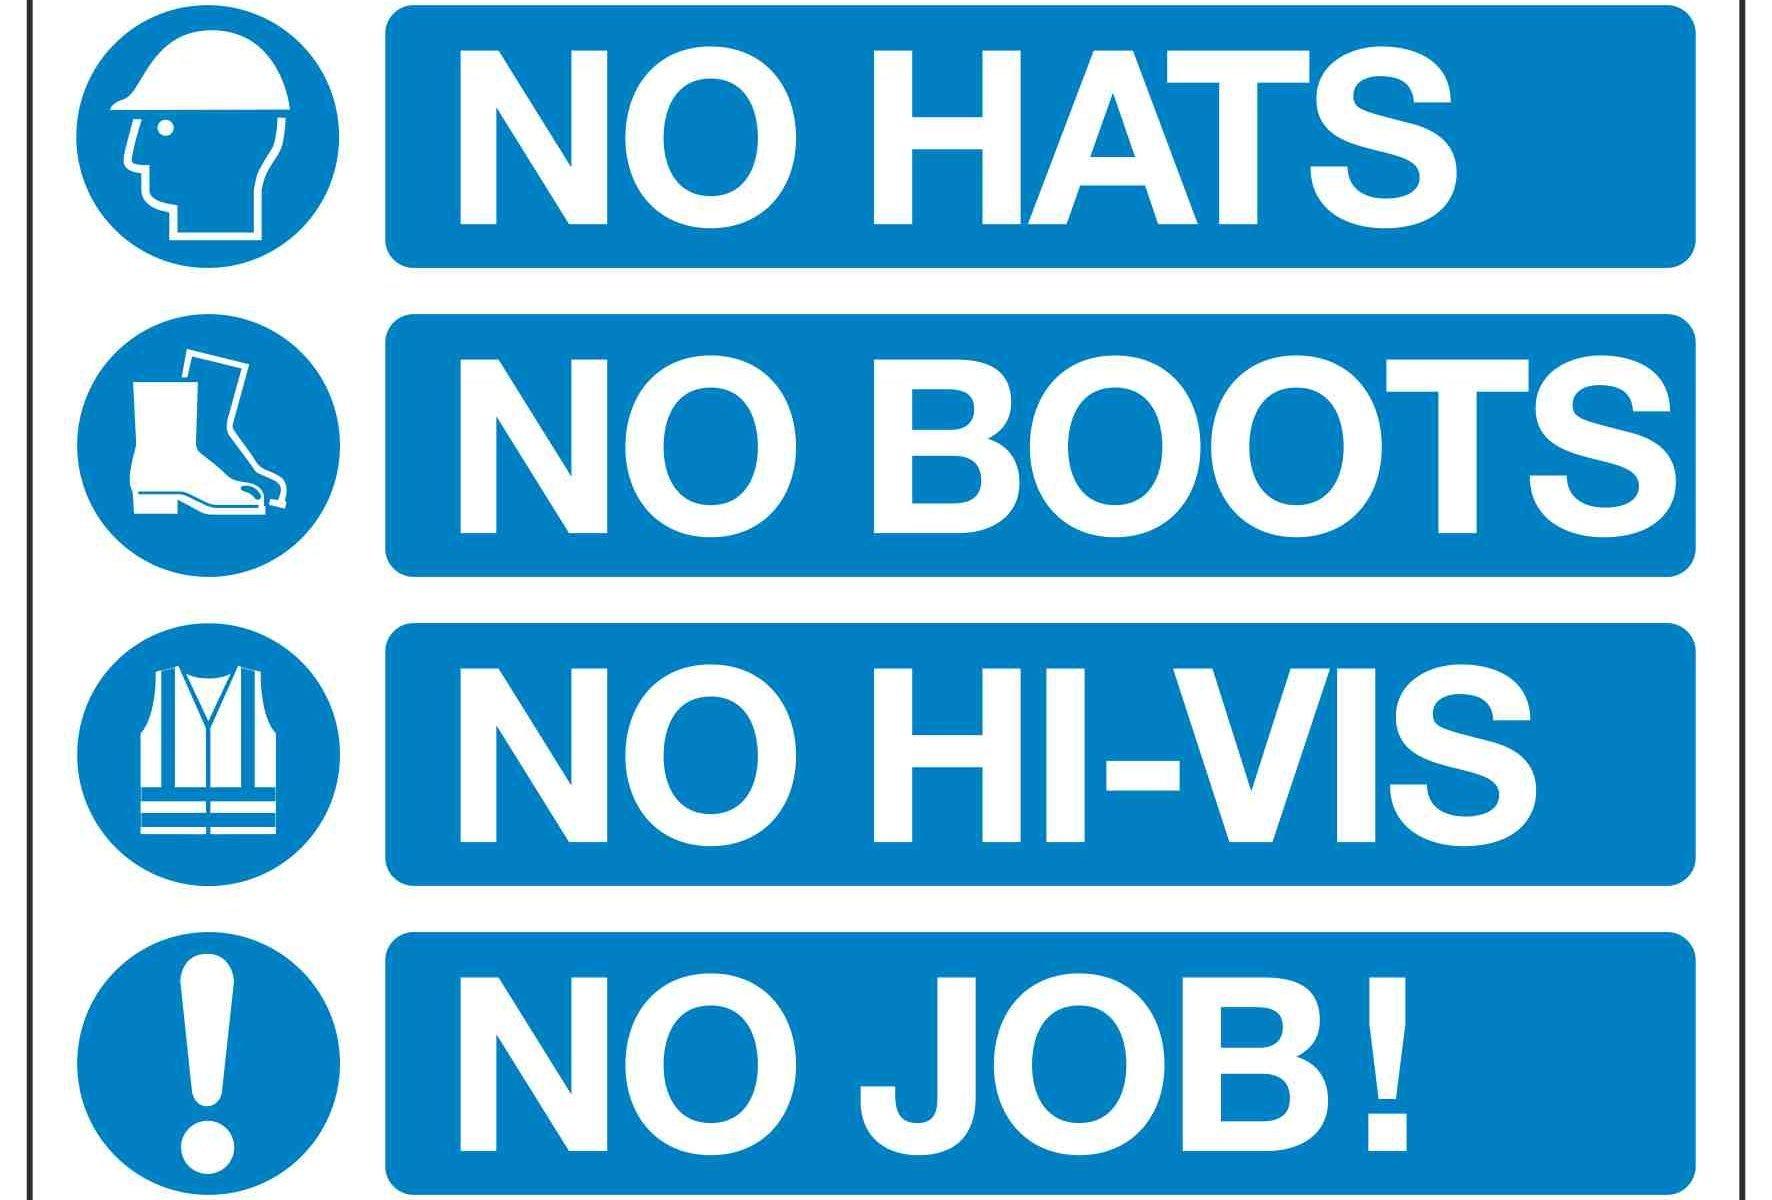 NO HATS NO BOOTS NO HI-VIS NO JOB!